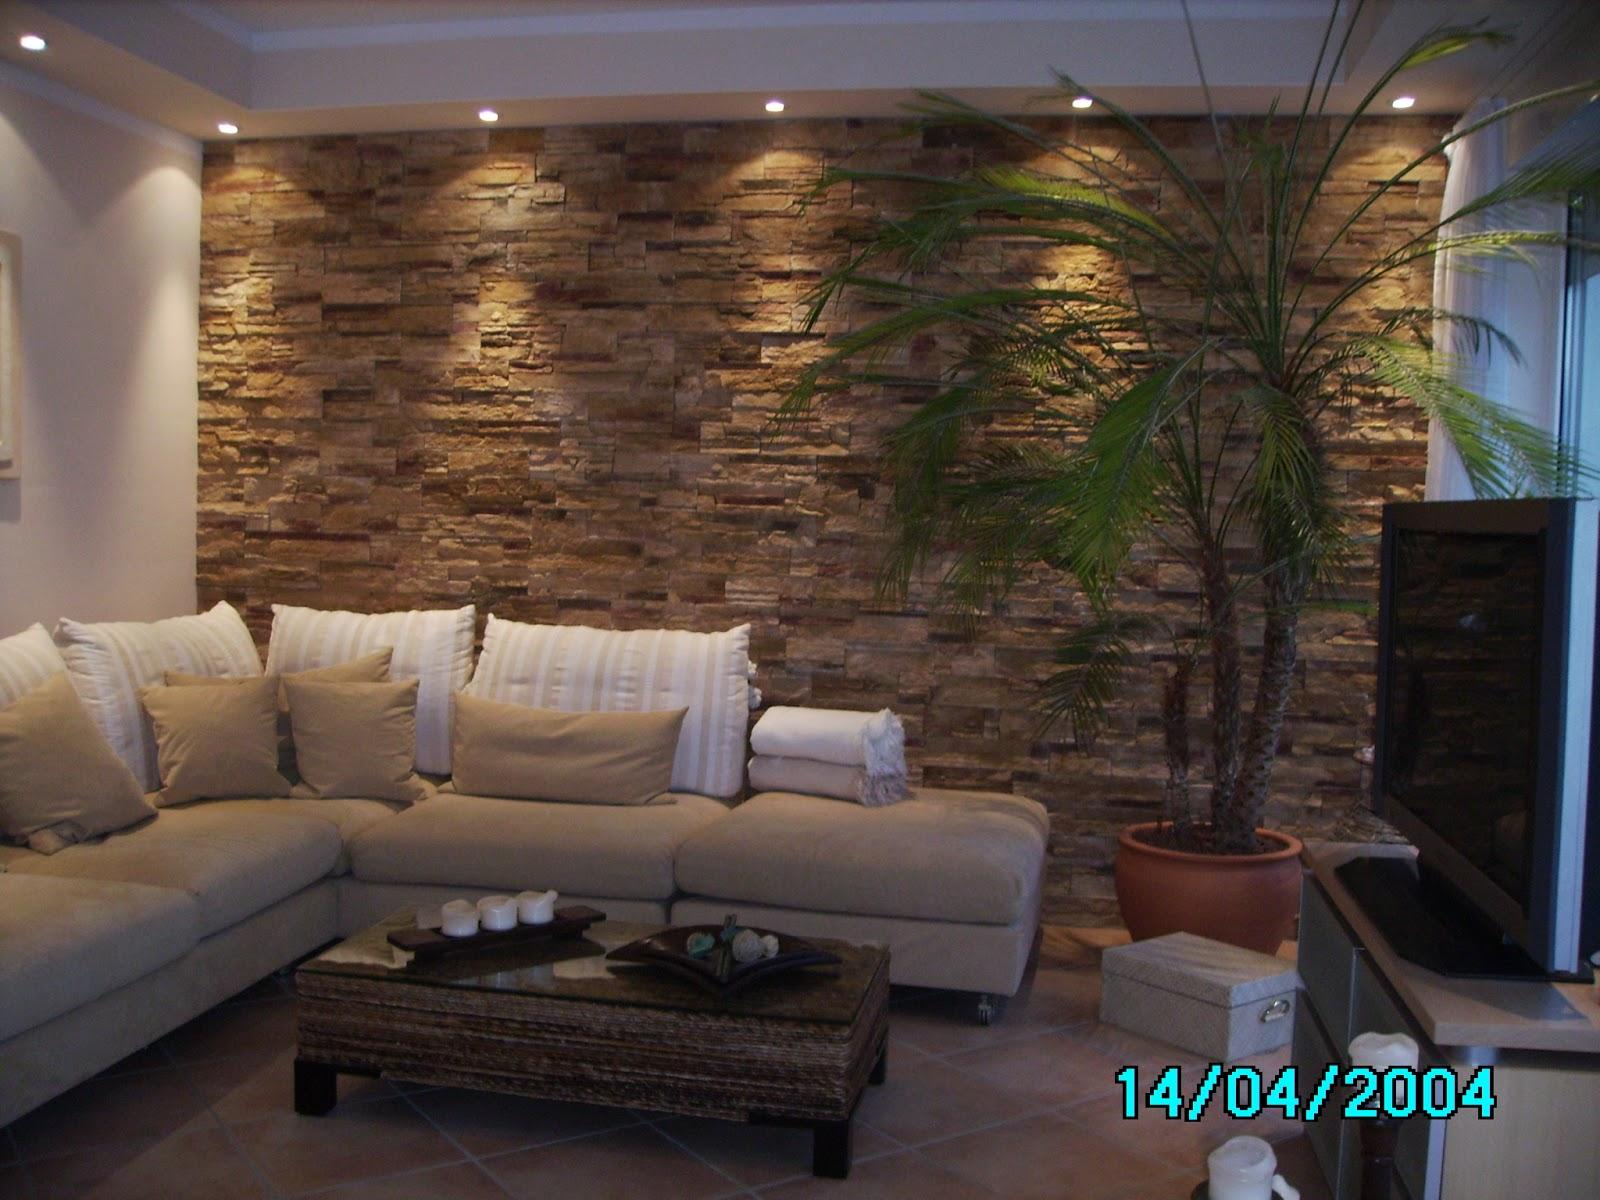 Steinwand Tapete Wohnzimmer  Jtleigh.com - Hausgestaltung Ideen